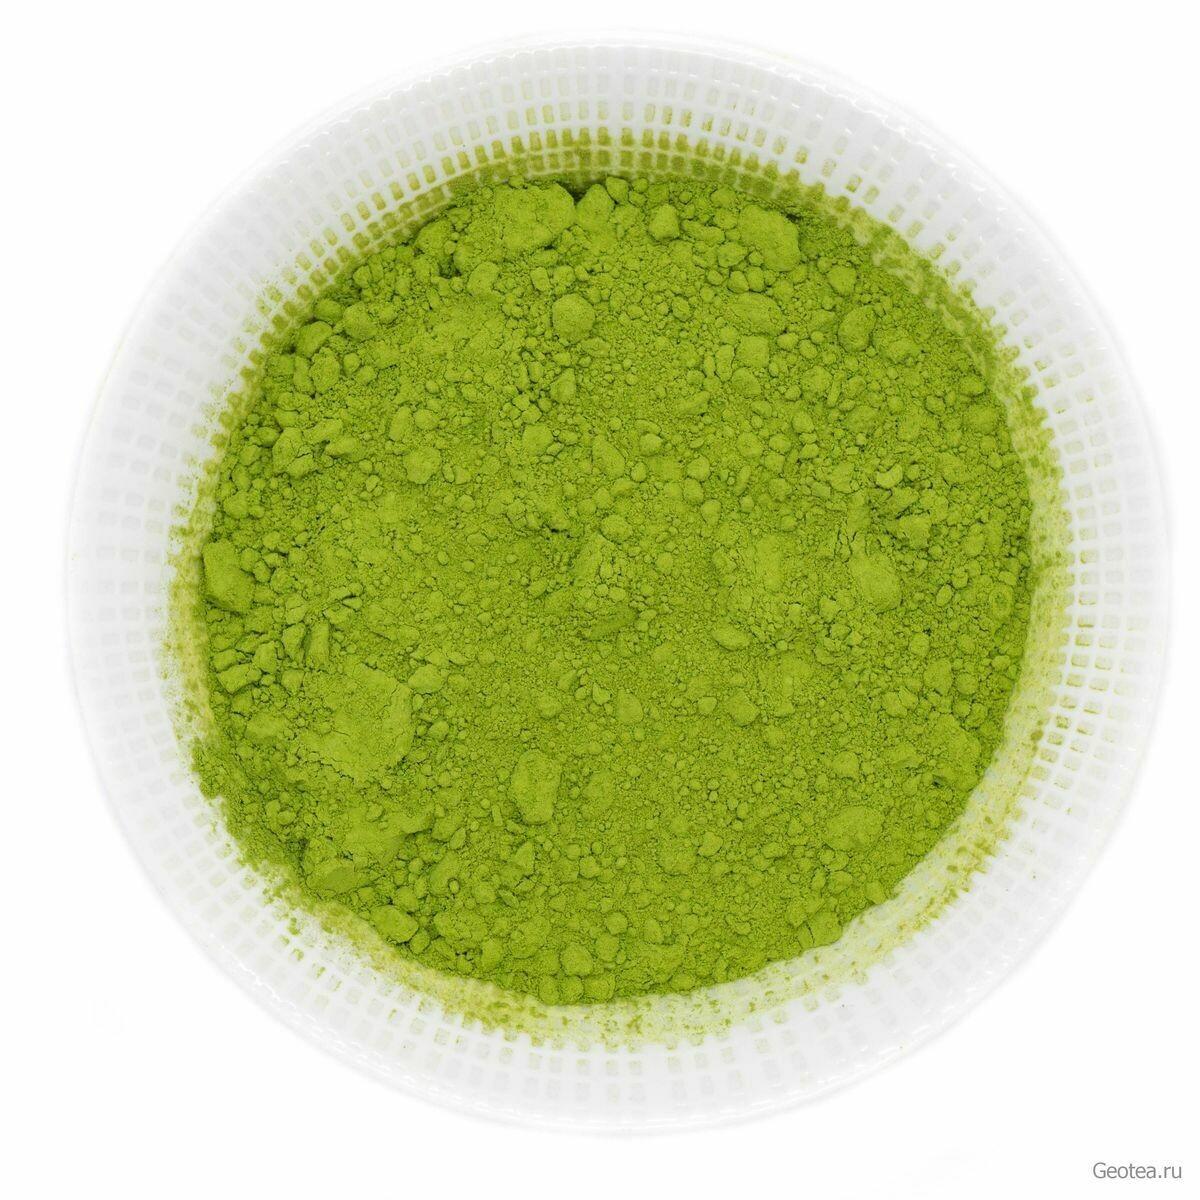 Чай Зеленый Матча #5